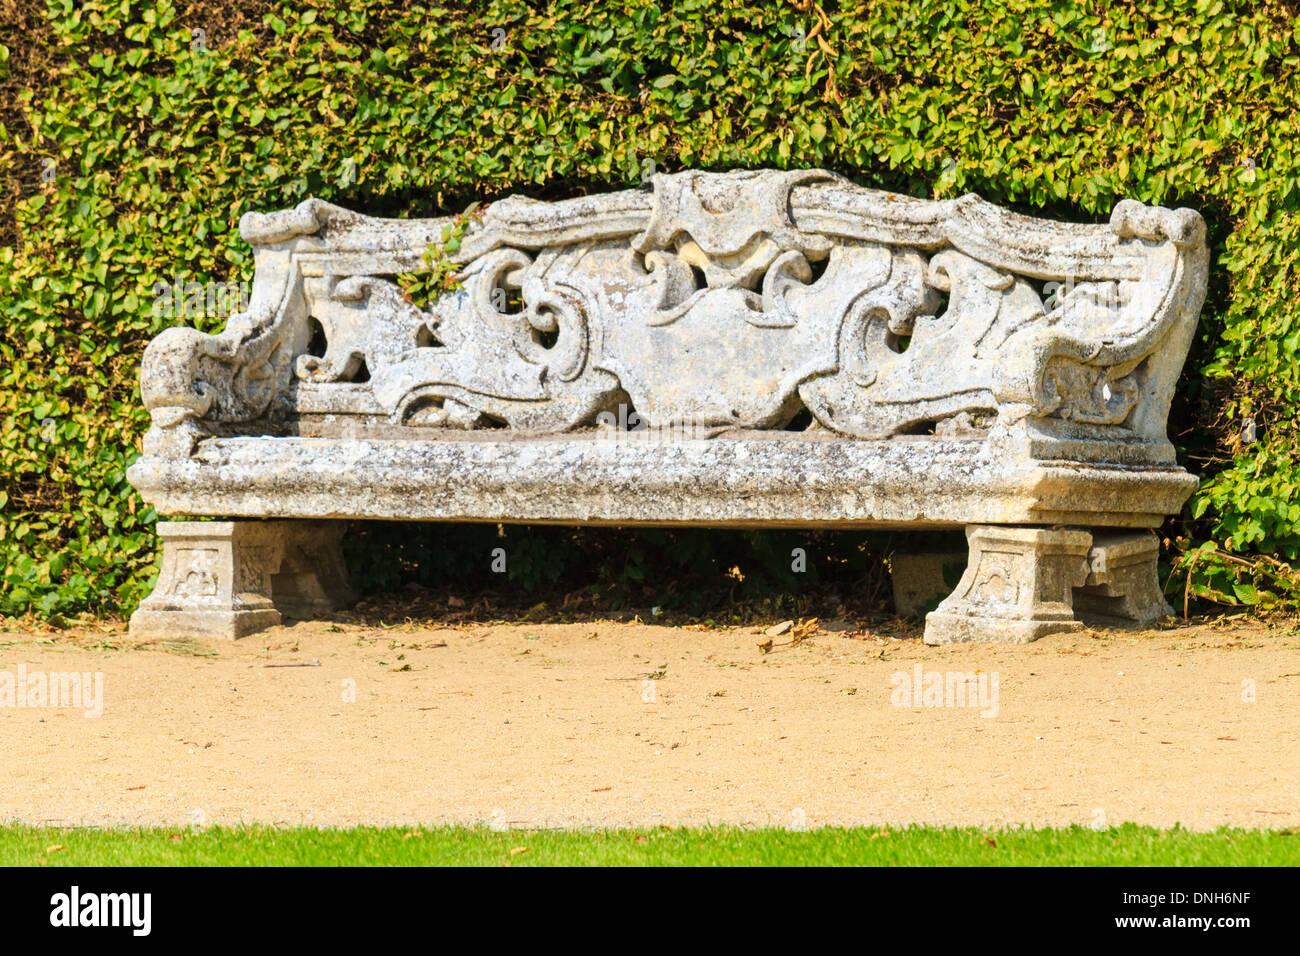 plantes ornementales jardin anglais avec banc en pierre banque d